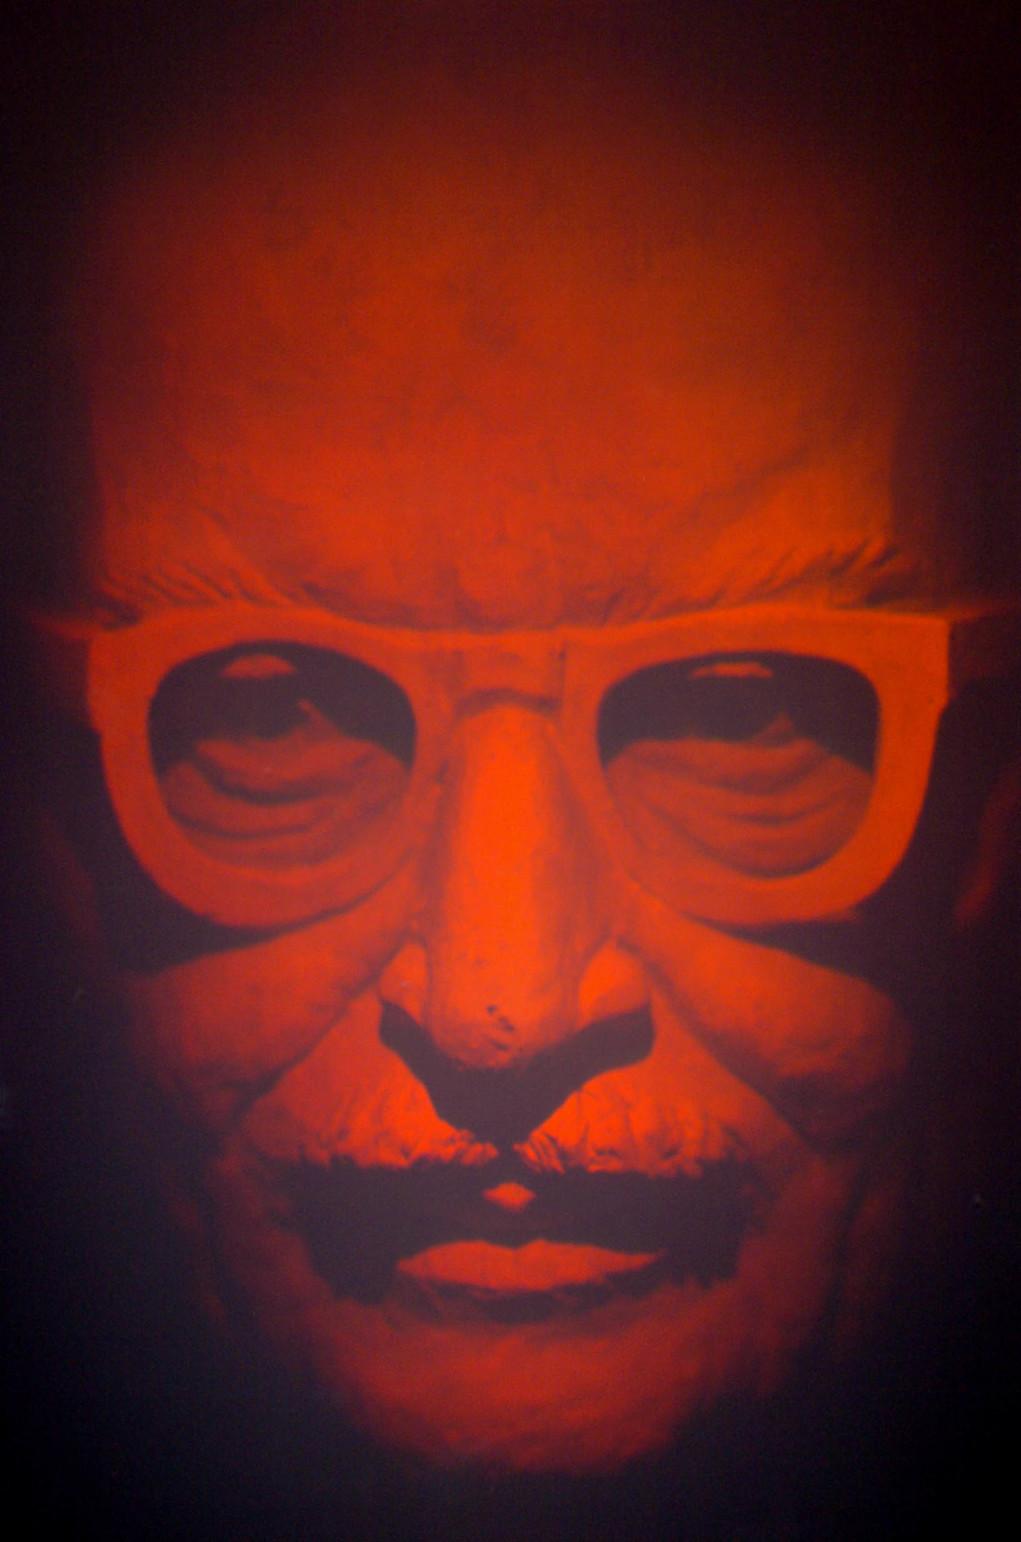 Budapest, 2005. április 21. A fizikai Nobel-díjas Gábor Dénes hologramszobra, amelyet a Budapesti Műszaki és Gazdaságtudományi Egyetem Informatikai épületében avattak fel. A Nagy-Britanniában élt Gábor Dénes a holográfiai módszer felfedezéséért és fejlesztéséhez való hozzájárulásért kapott fizikai Nobel-díjat 1971-ben. MTI Fotó: Soós Lajos